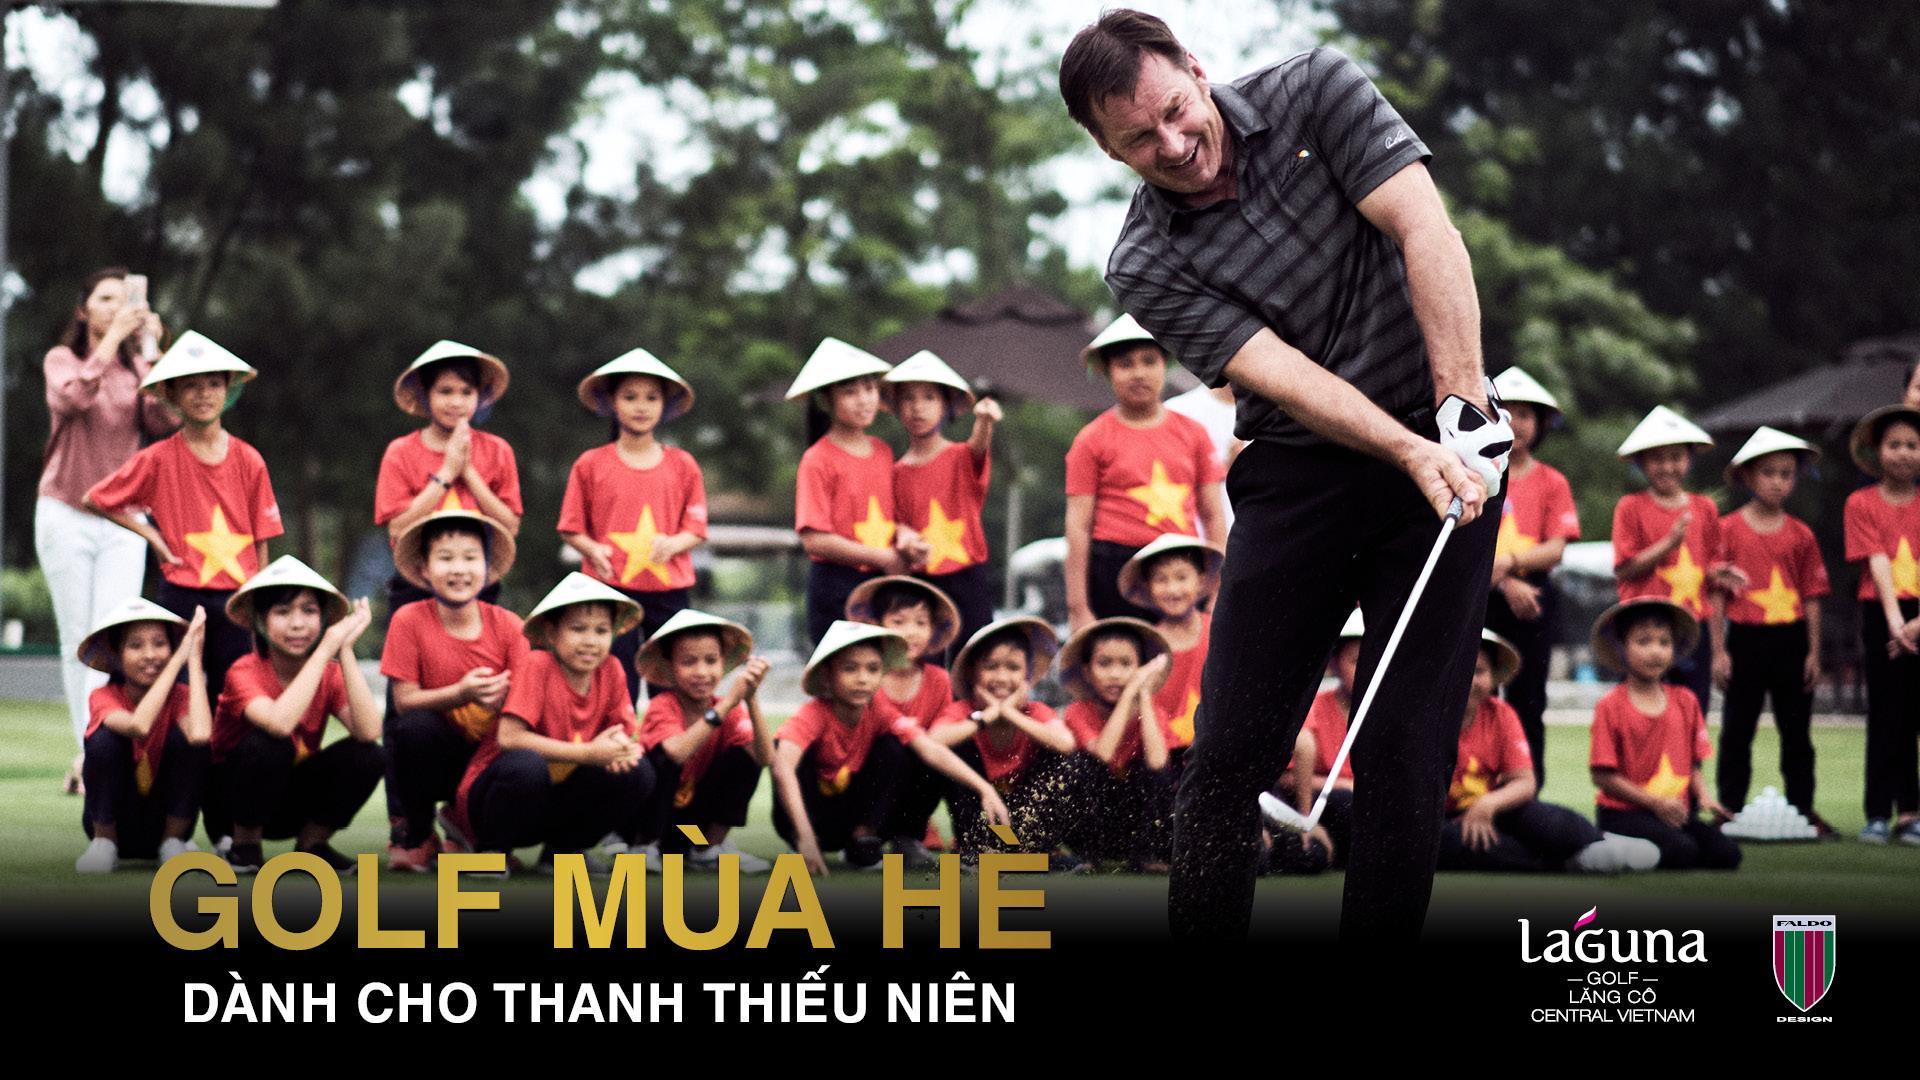 Golf Mùa Hè dành cho thanh thiếu niên